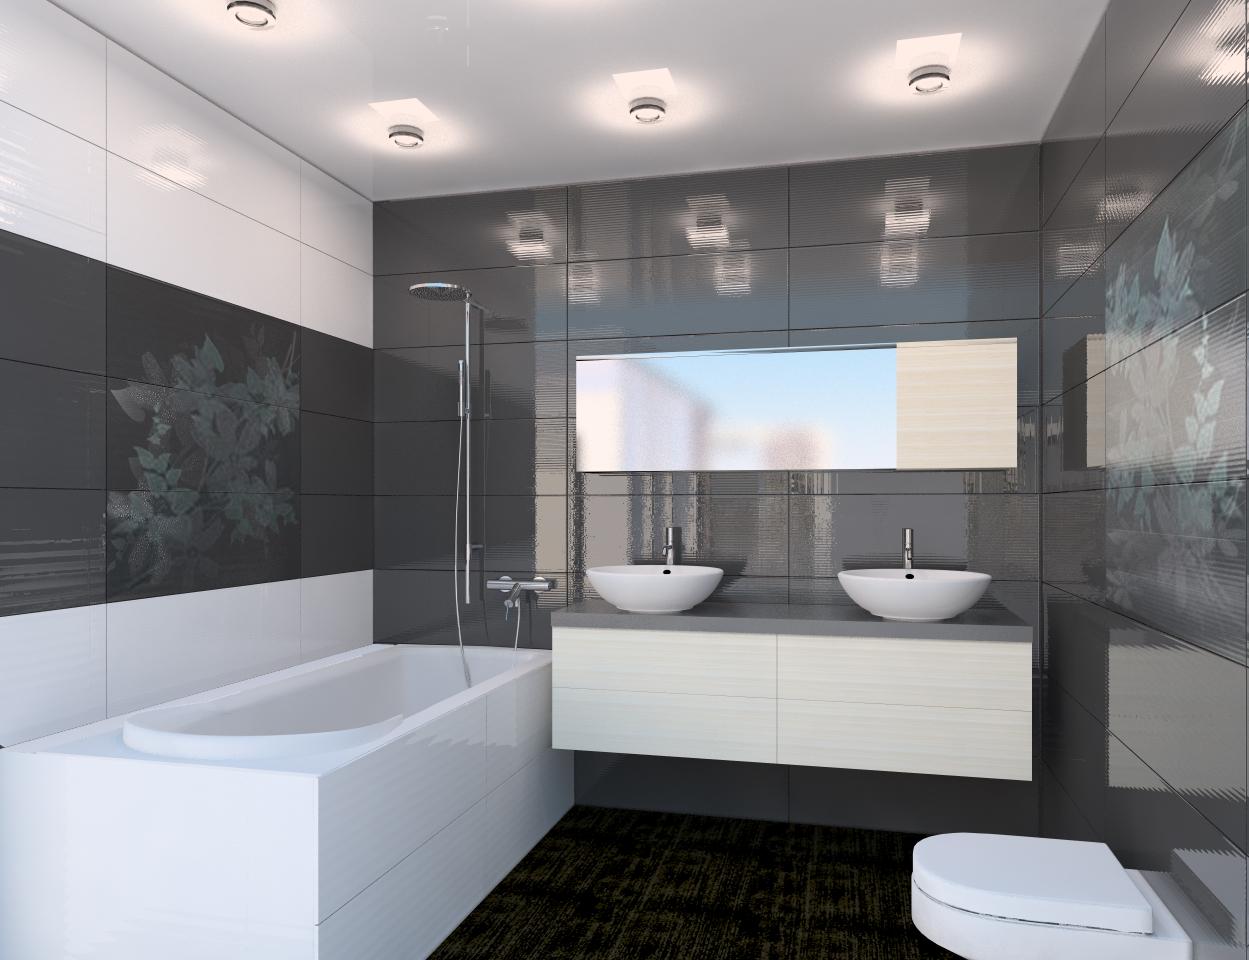 Новинки декора в интерьере ванной комнаты